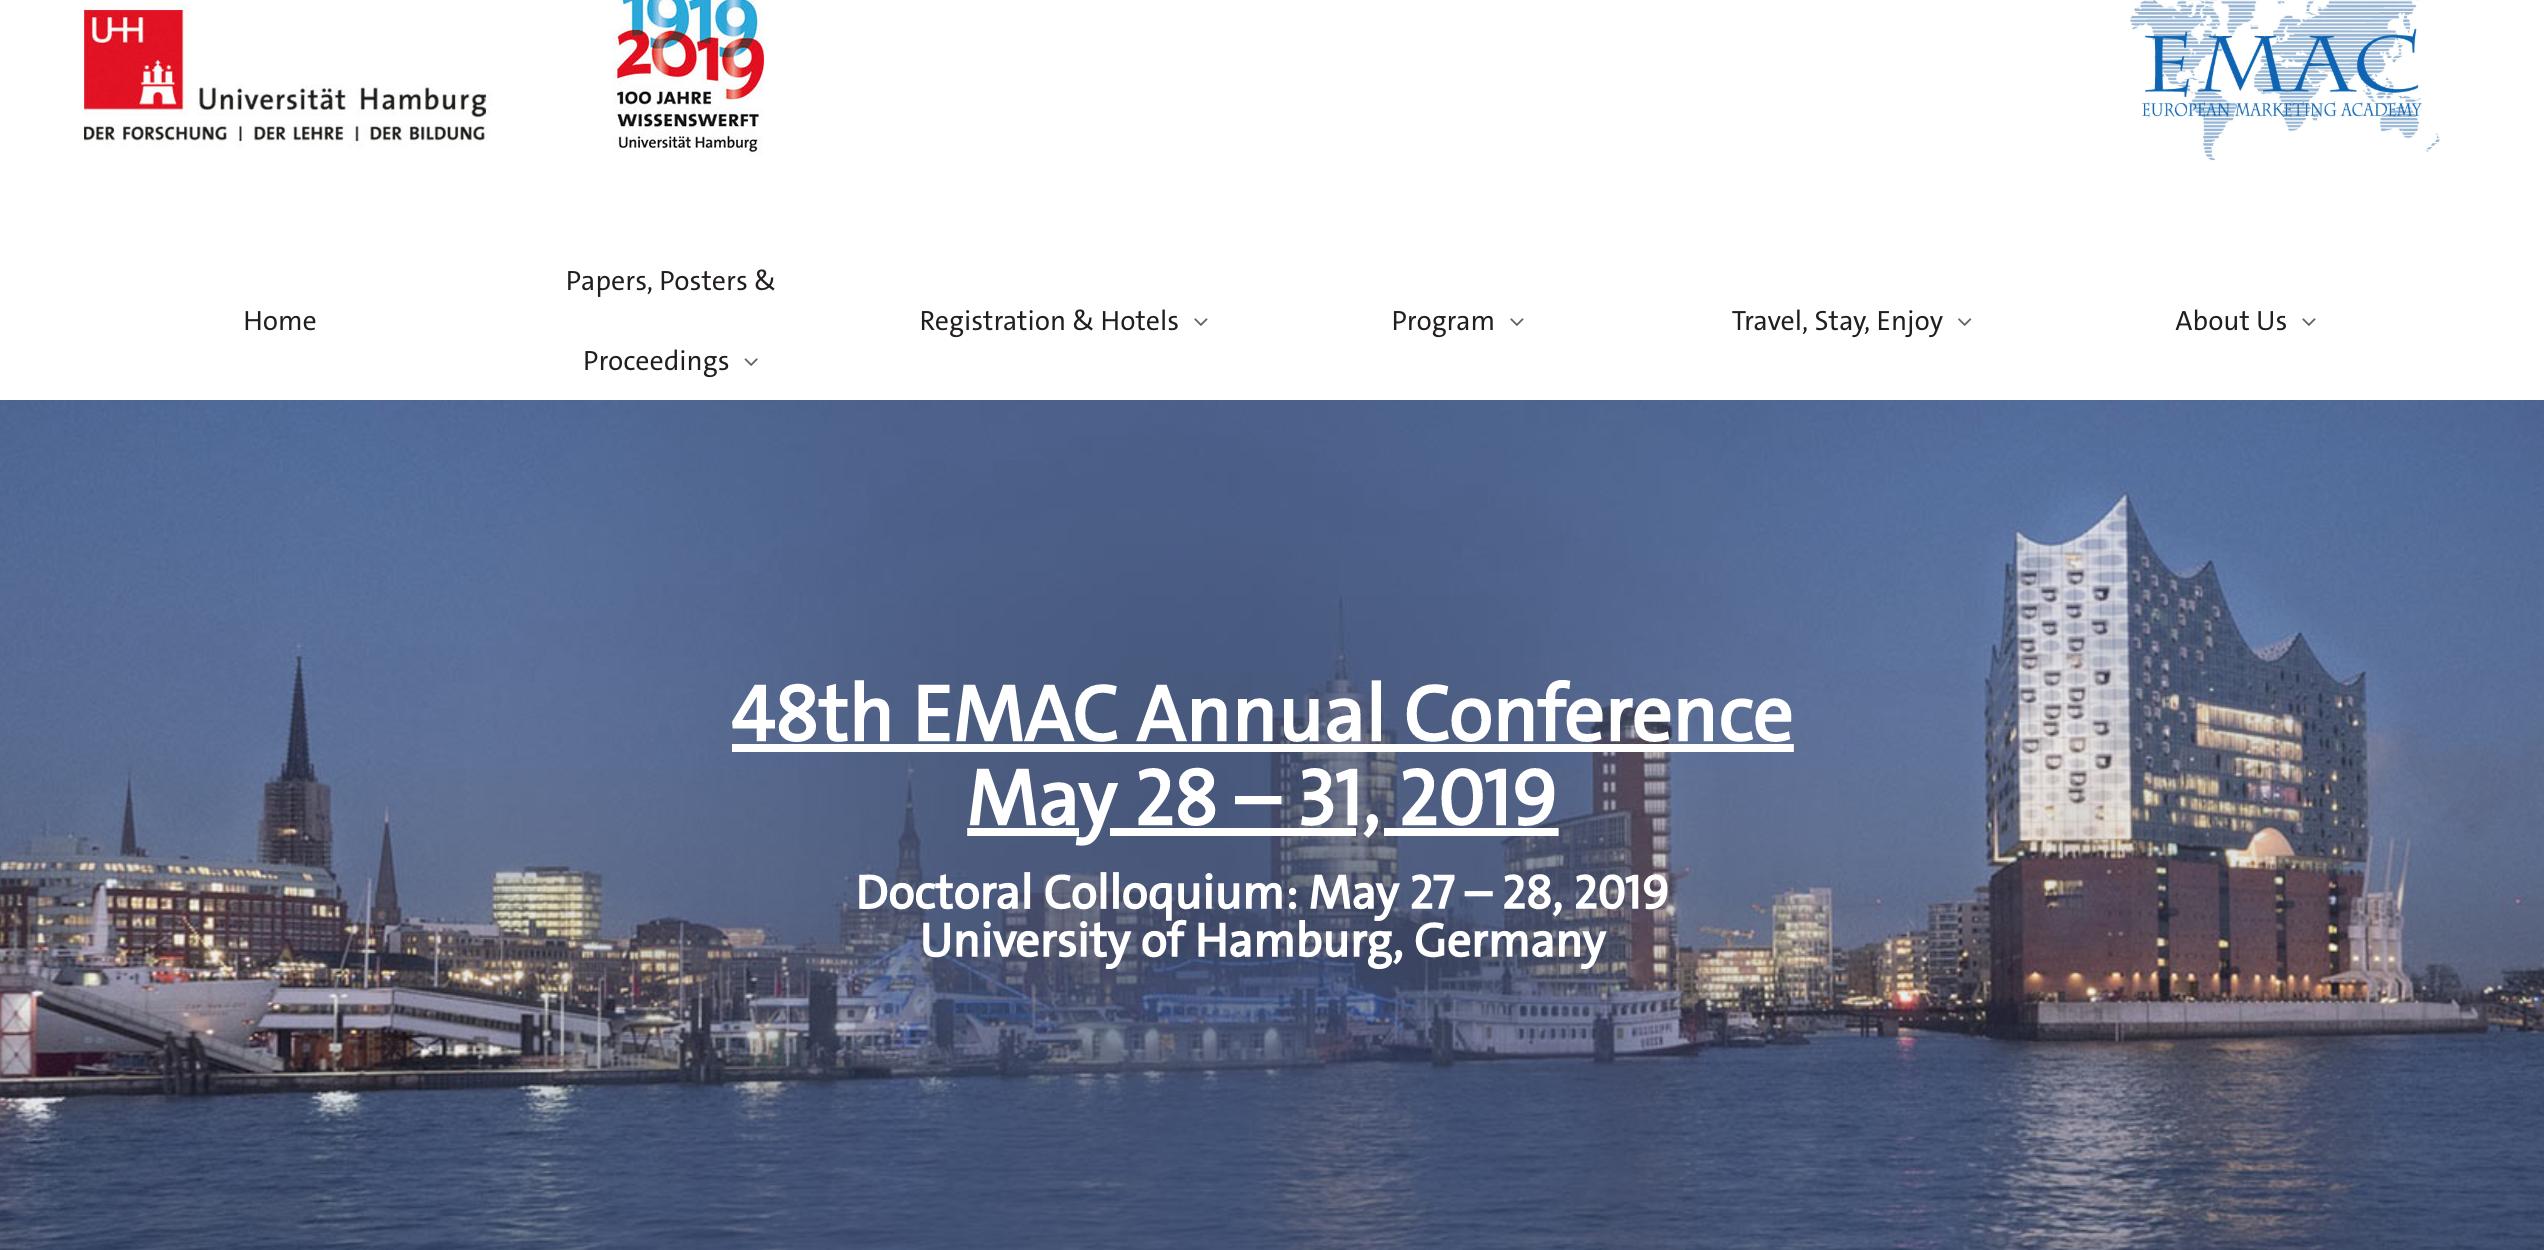 2015级张星雅同学科研实践文章被EMAC年会接收